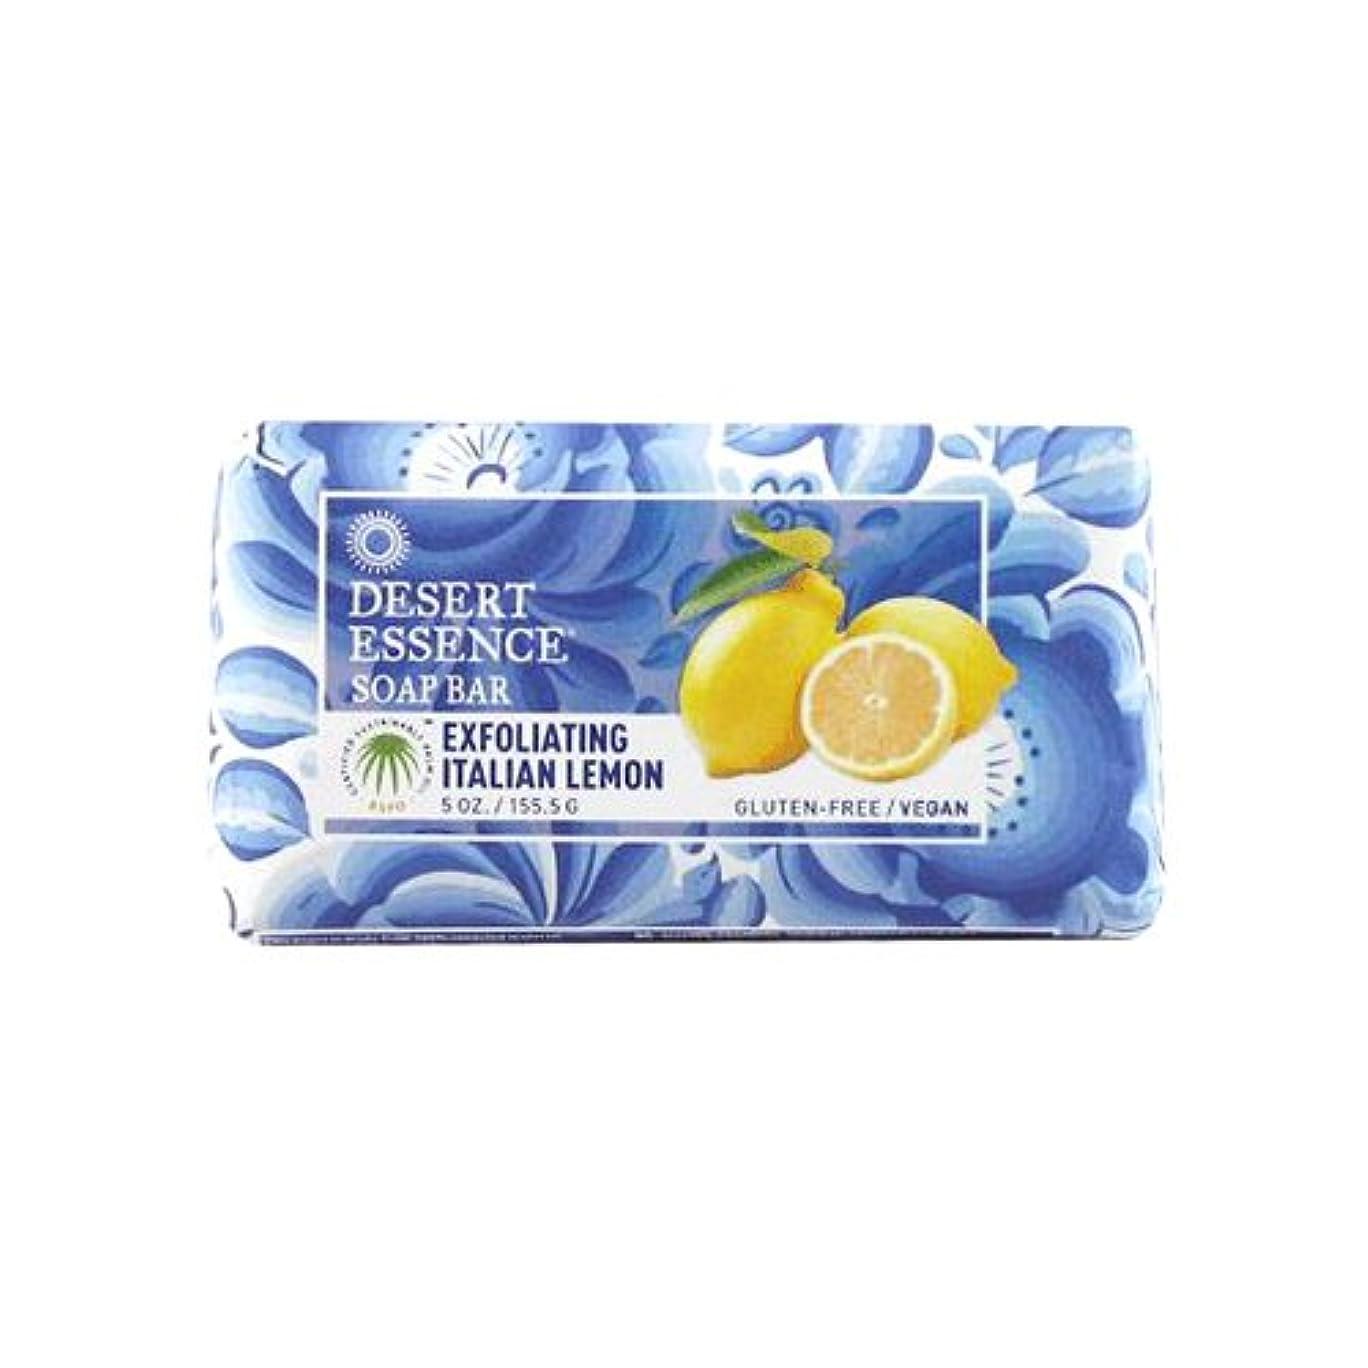 名前で元に戻す基礎Desert Essence Bar Soap - Exfoliating Italian Lemon - 5 oz